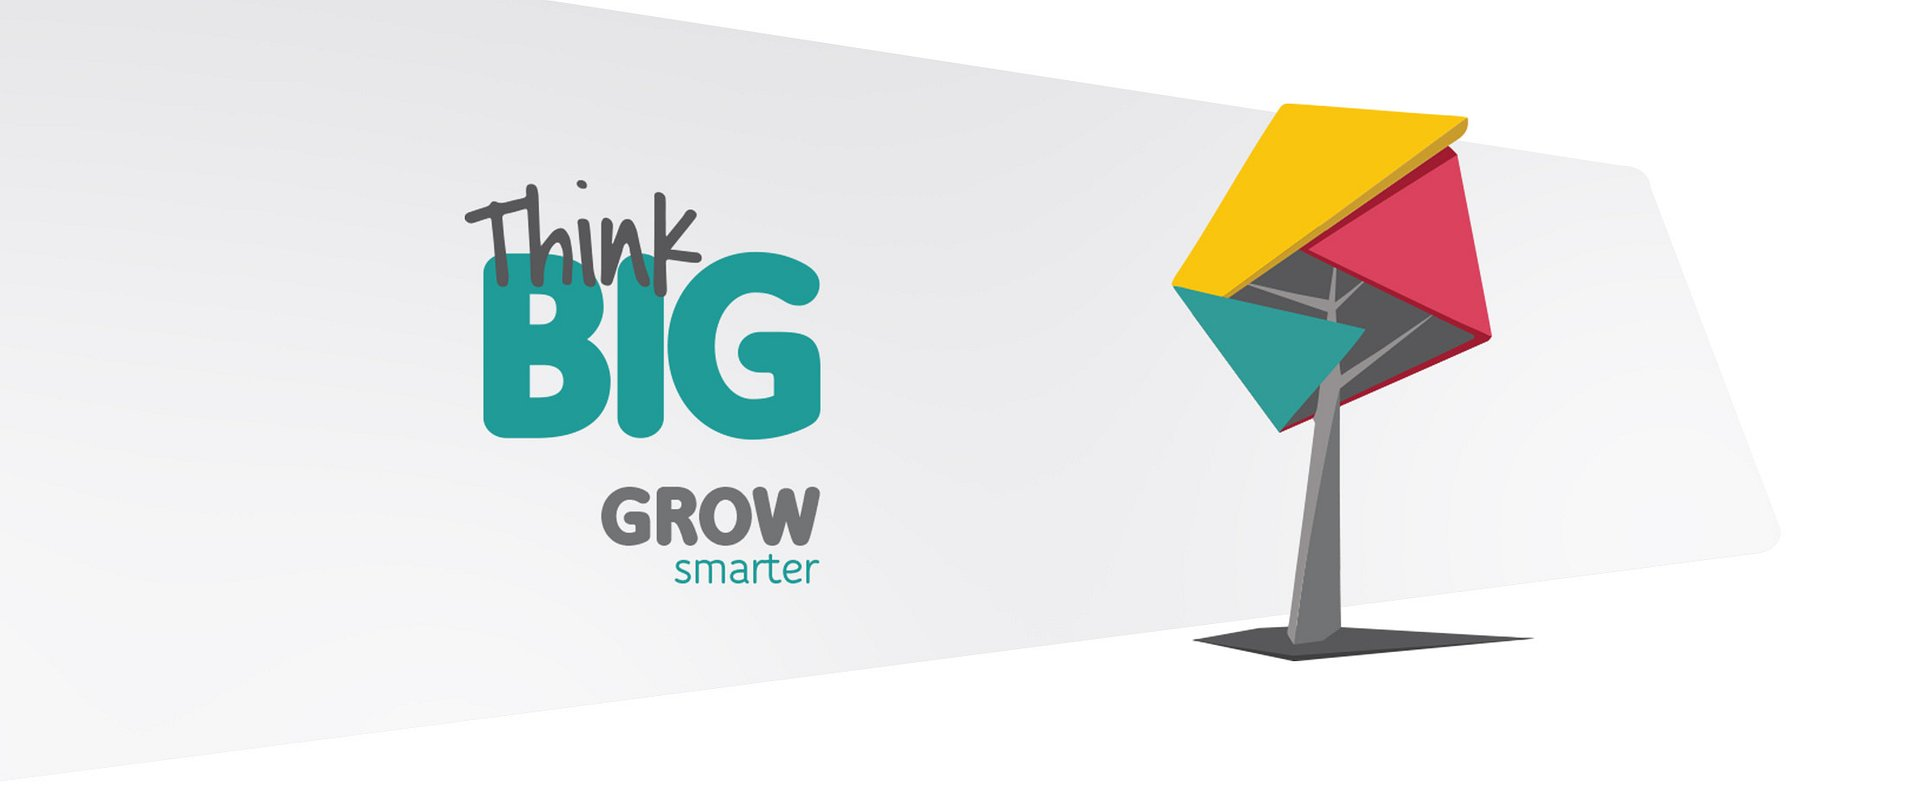 THINK BIG: Grow Smarter, czyli szansa na współpracę startupów z korporacjami. Masz innowacyjny pomysł? Zgłoś się do 30 czerwca!